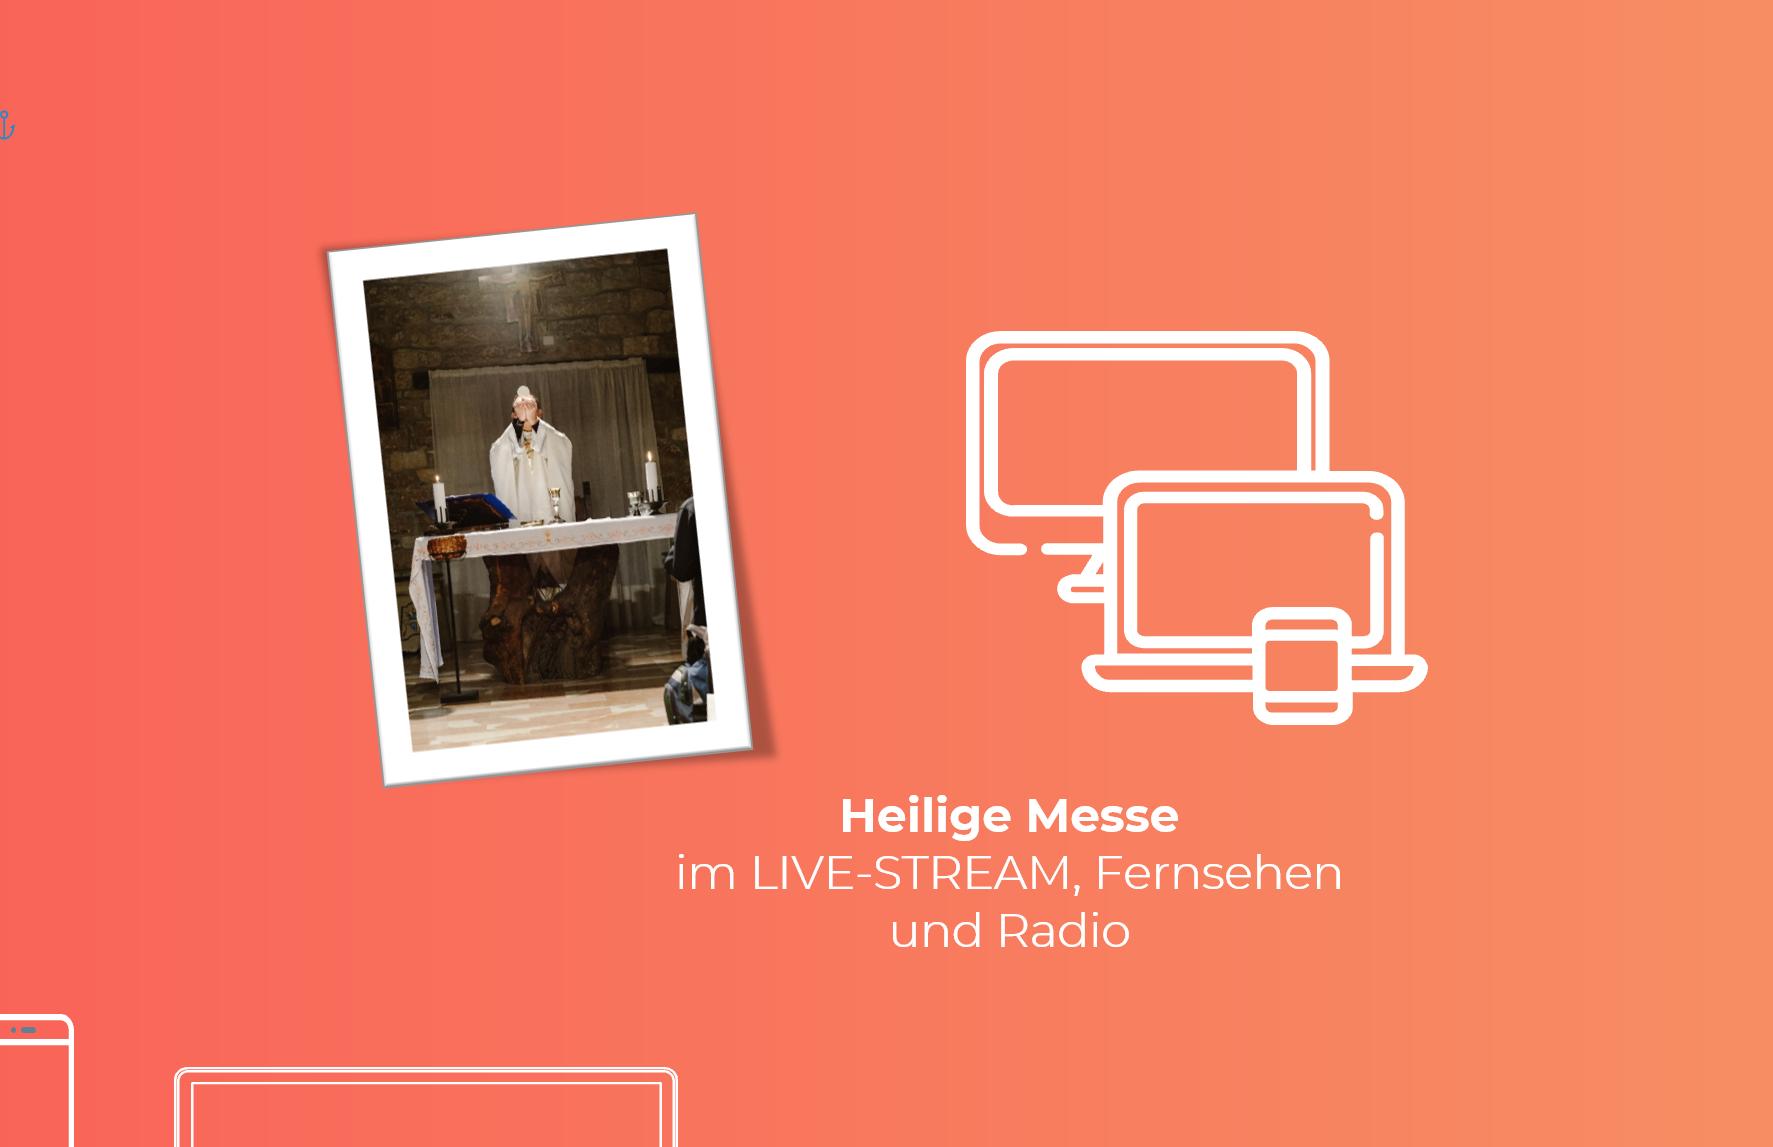 Live Stream Fernsehen